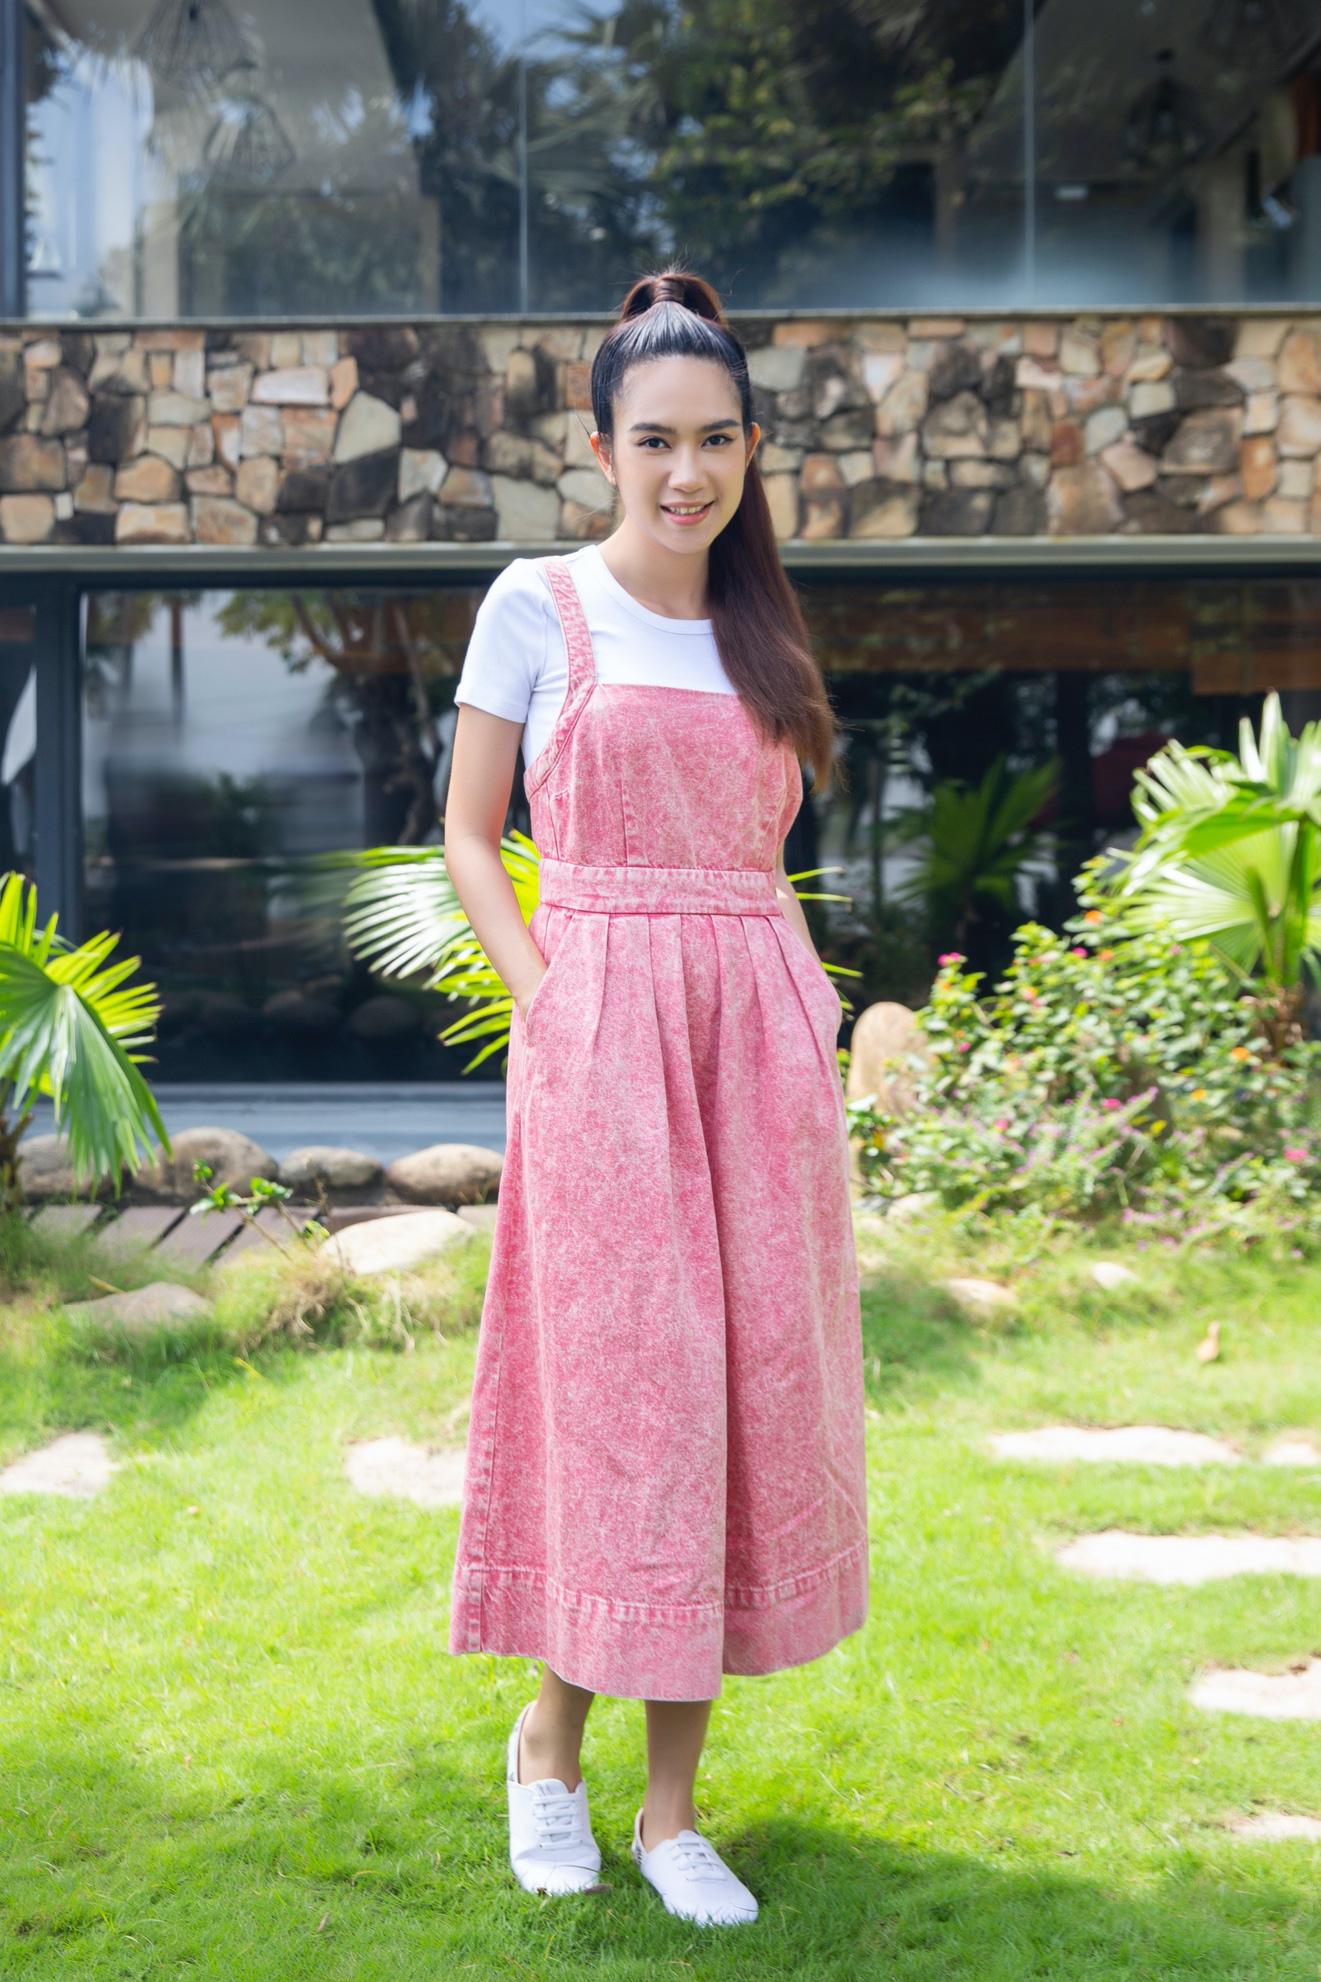 Vợ chồng Lý Hải - Minh Hà cùng 4 nhóc tì xuất hiện như fashionista trong BST Holiday của GAP - Ảnh 2.